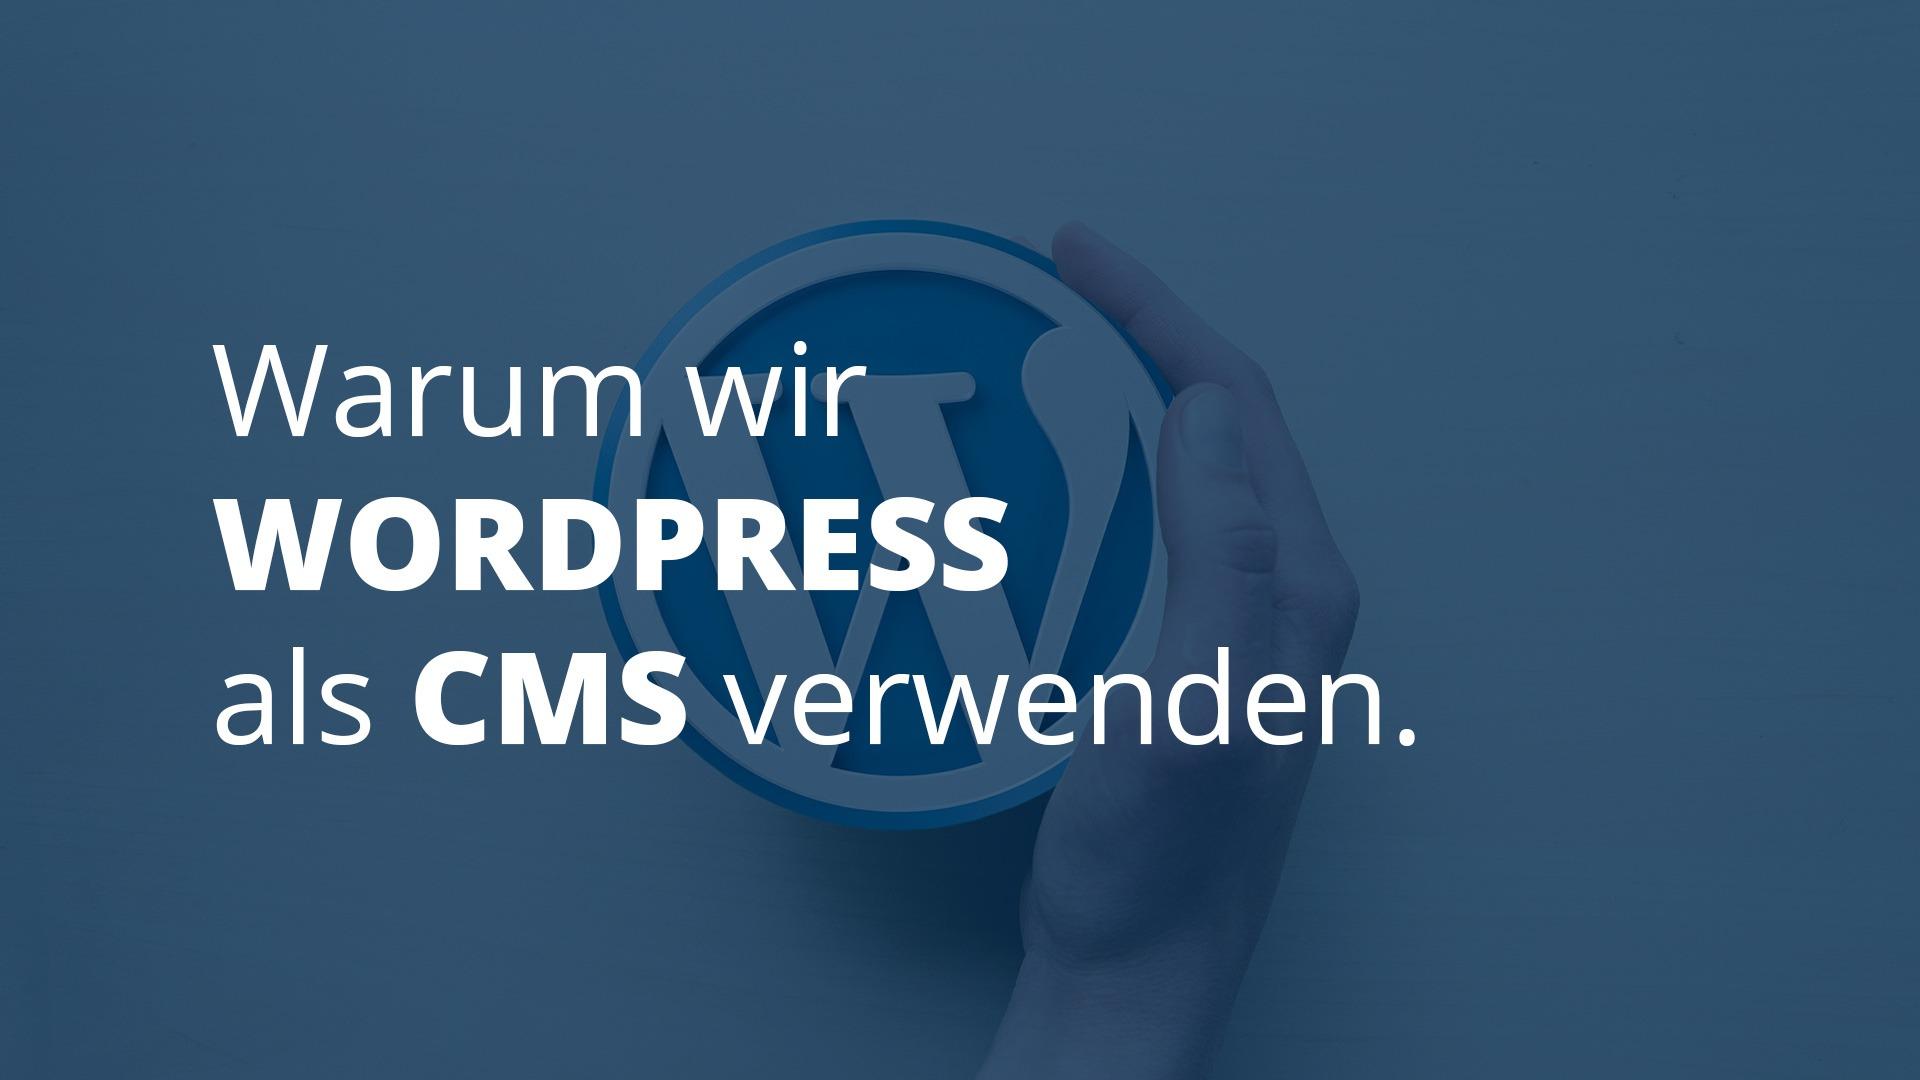 Warum wir Wordpress als CMS verwenden